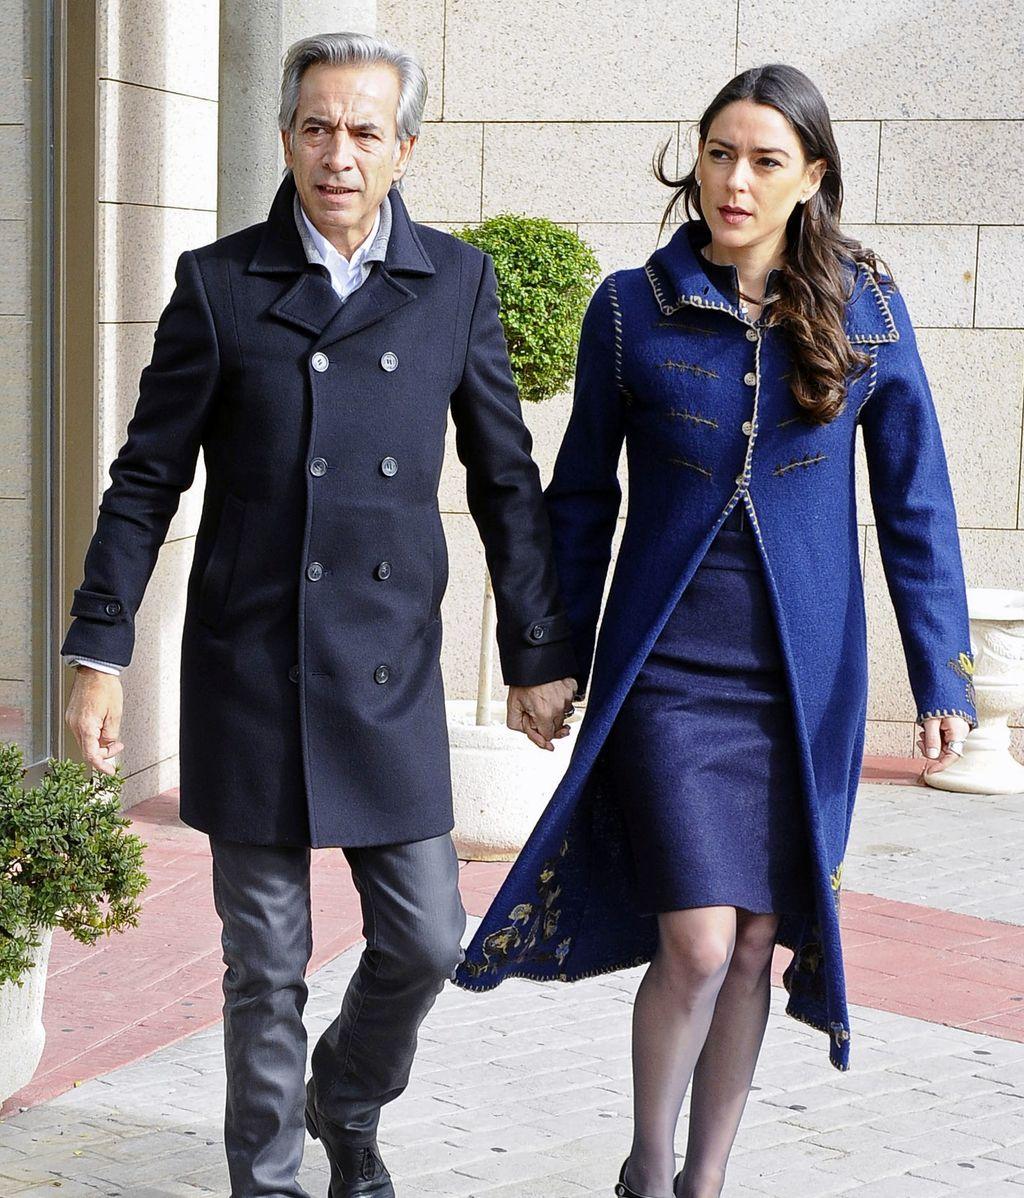 Imanol Arias y su novia Irene Meritxel acuden a la capilla ardiente de Miliki